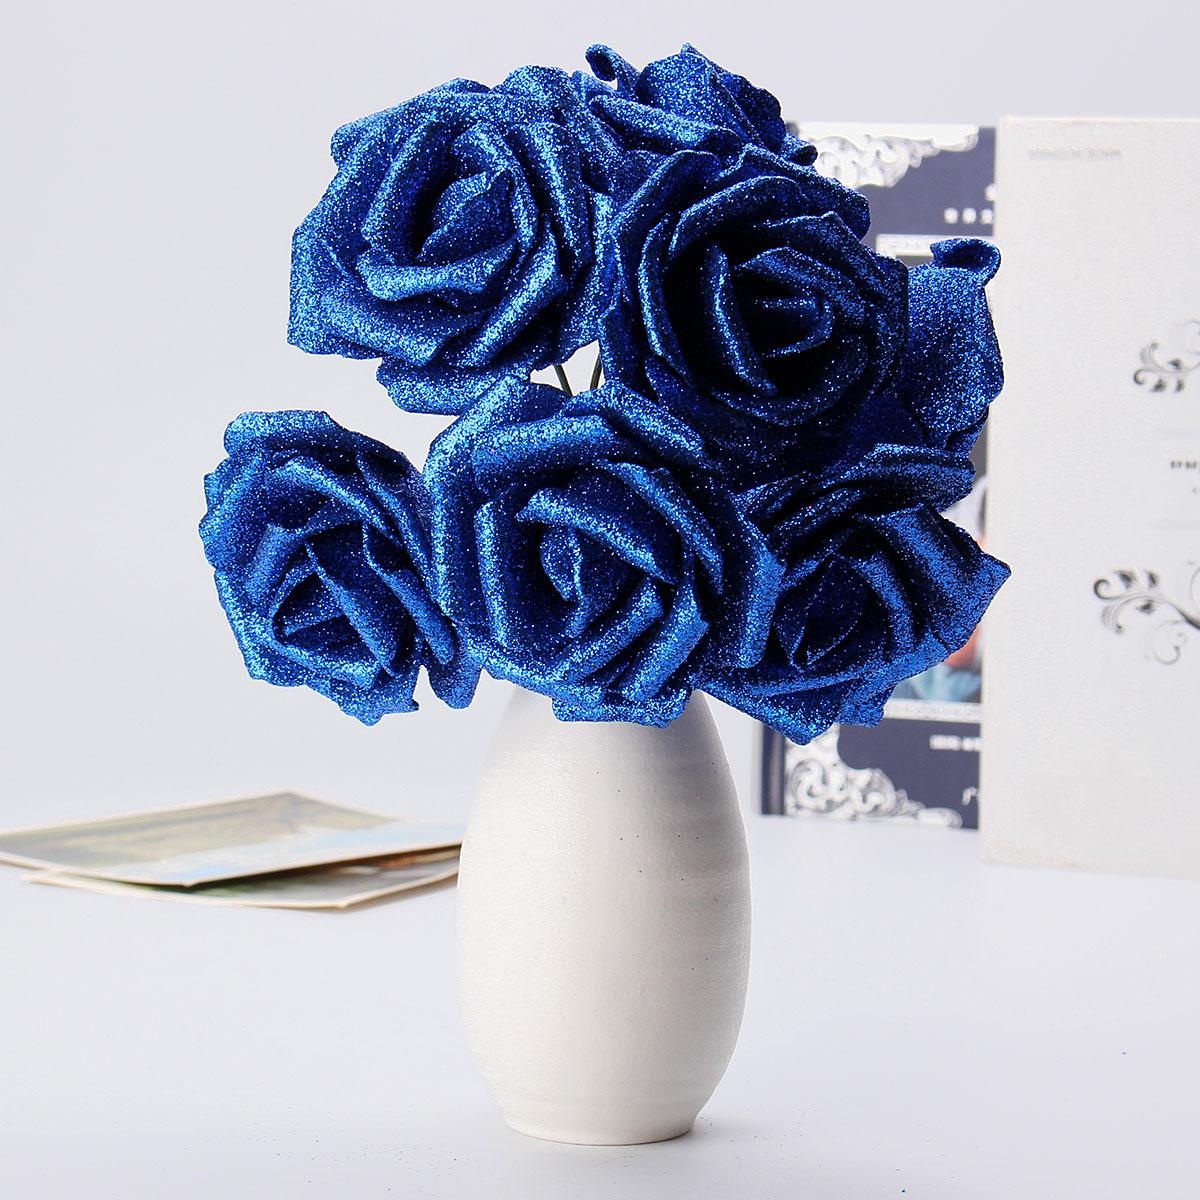 7pcs Artificial Bouquet Glitter Foam Artificial Flowers Wedding